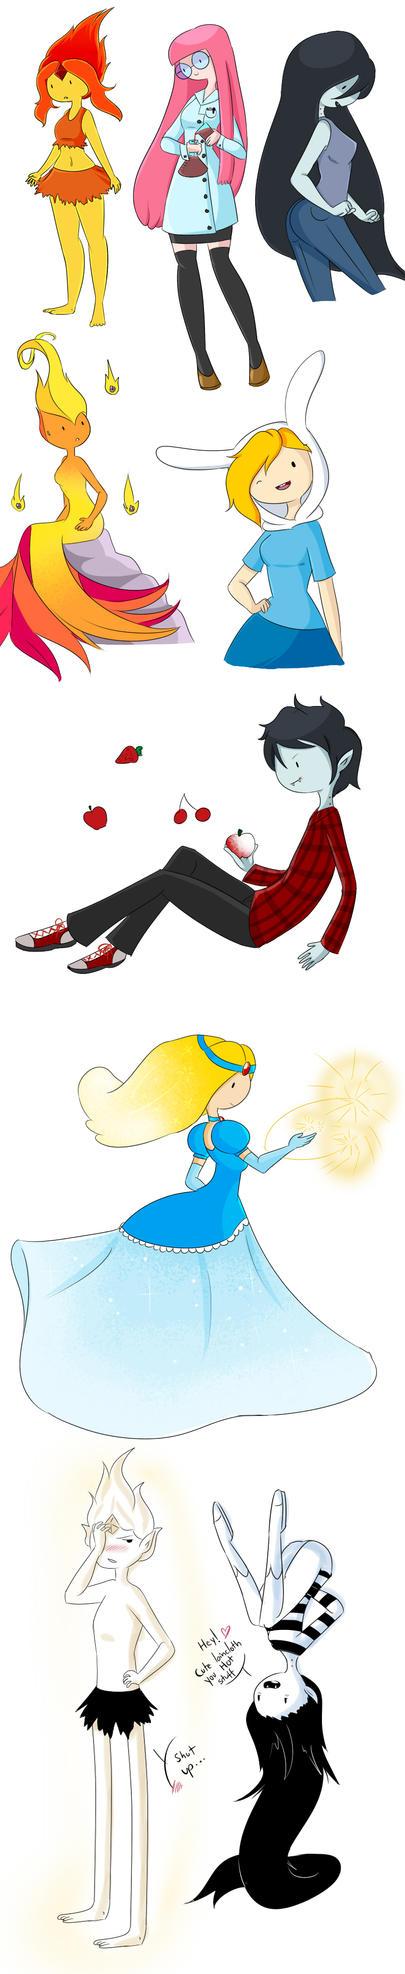 AT doodles 2.0 by Rumay-Chian